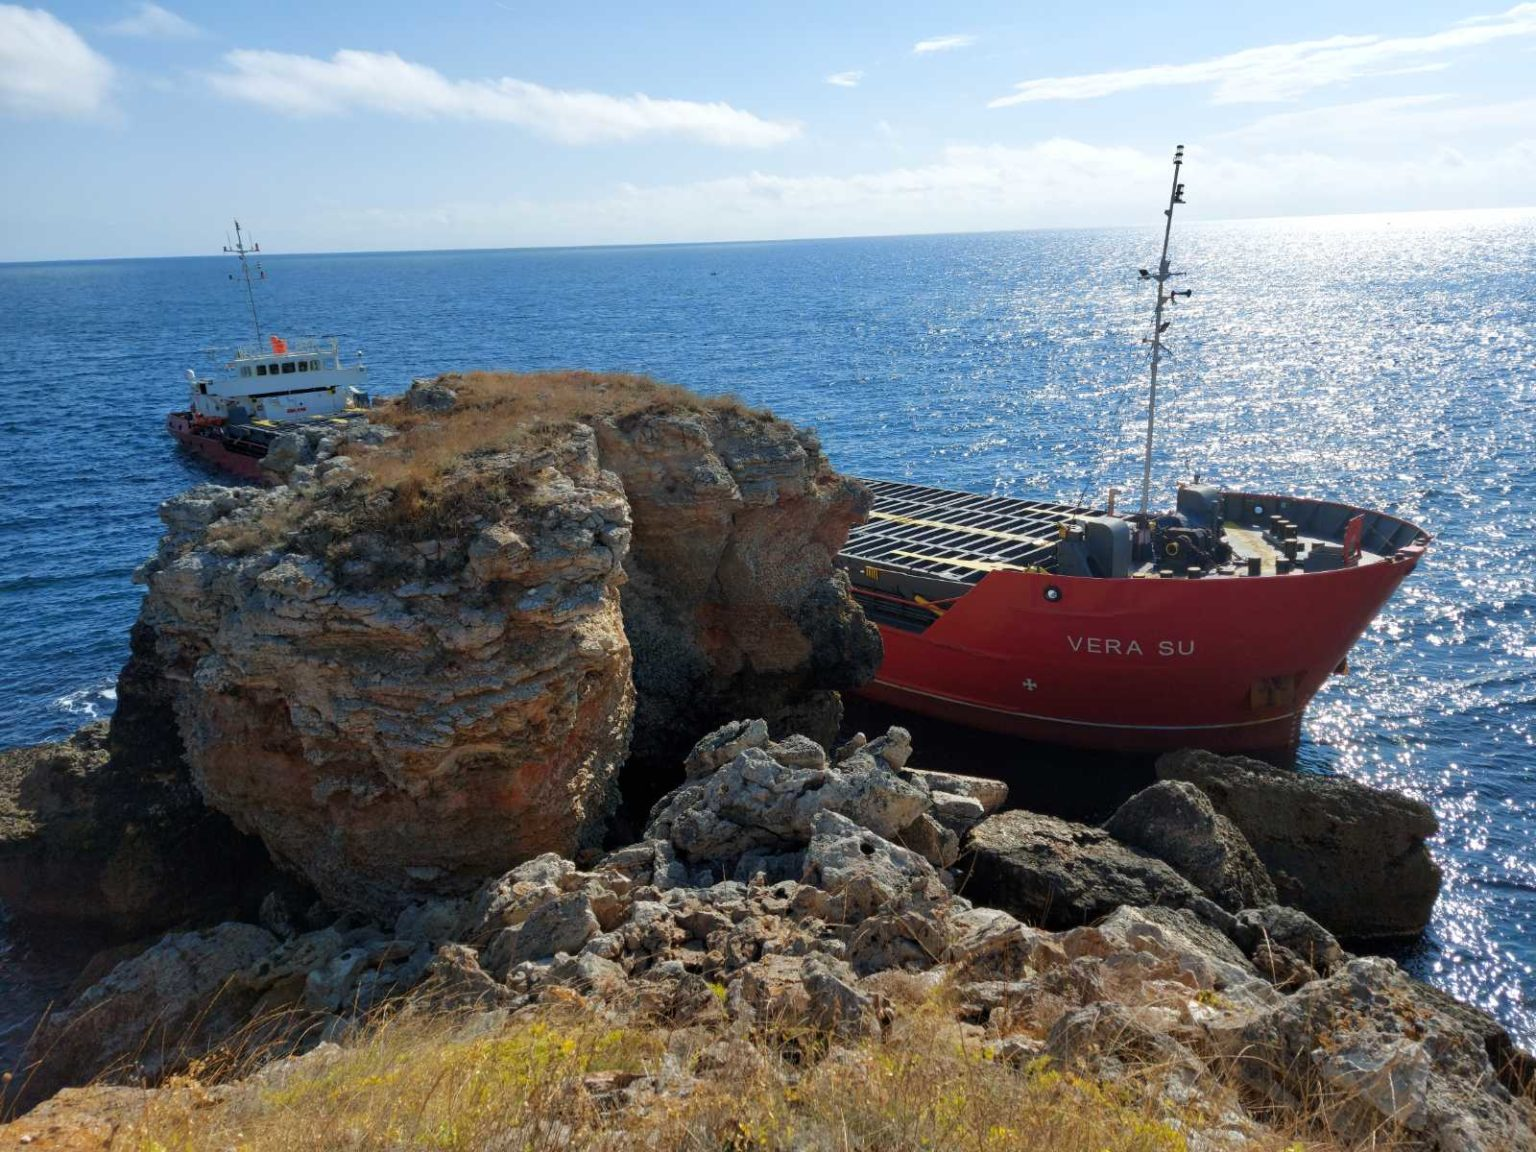 Πλοίο προσάραξε σε βραχώδη ακτή- Άγνωστα τα αίτια μέχρι στιγμής (photo) - e-Nautilia.gr   Το Ελληνικό Portal για την Ναυτιλία. Τελευταία νέα, άρθρα, Οπτικοακουστικό Υλικό